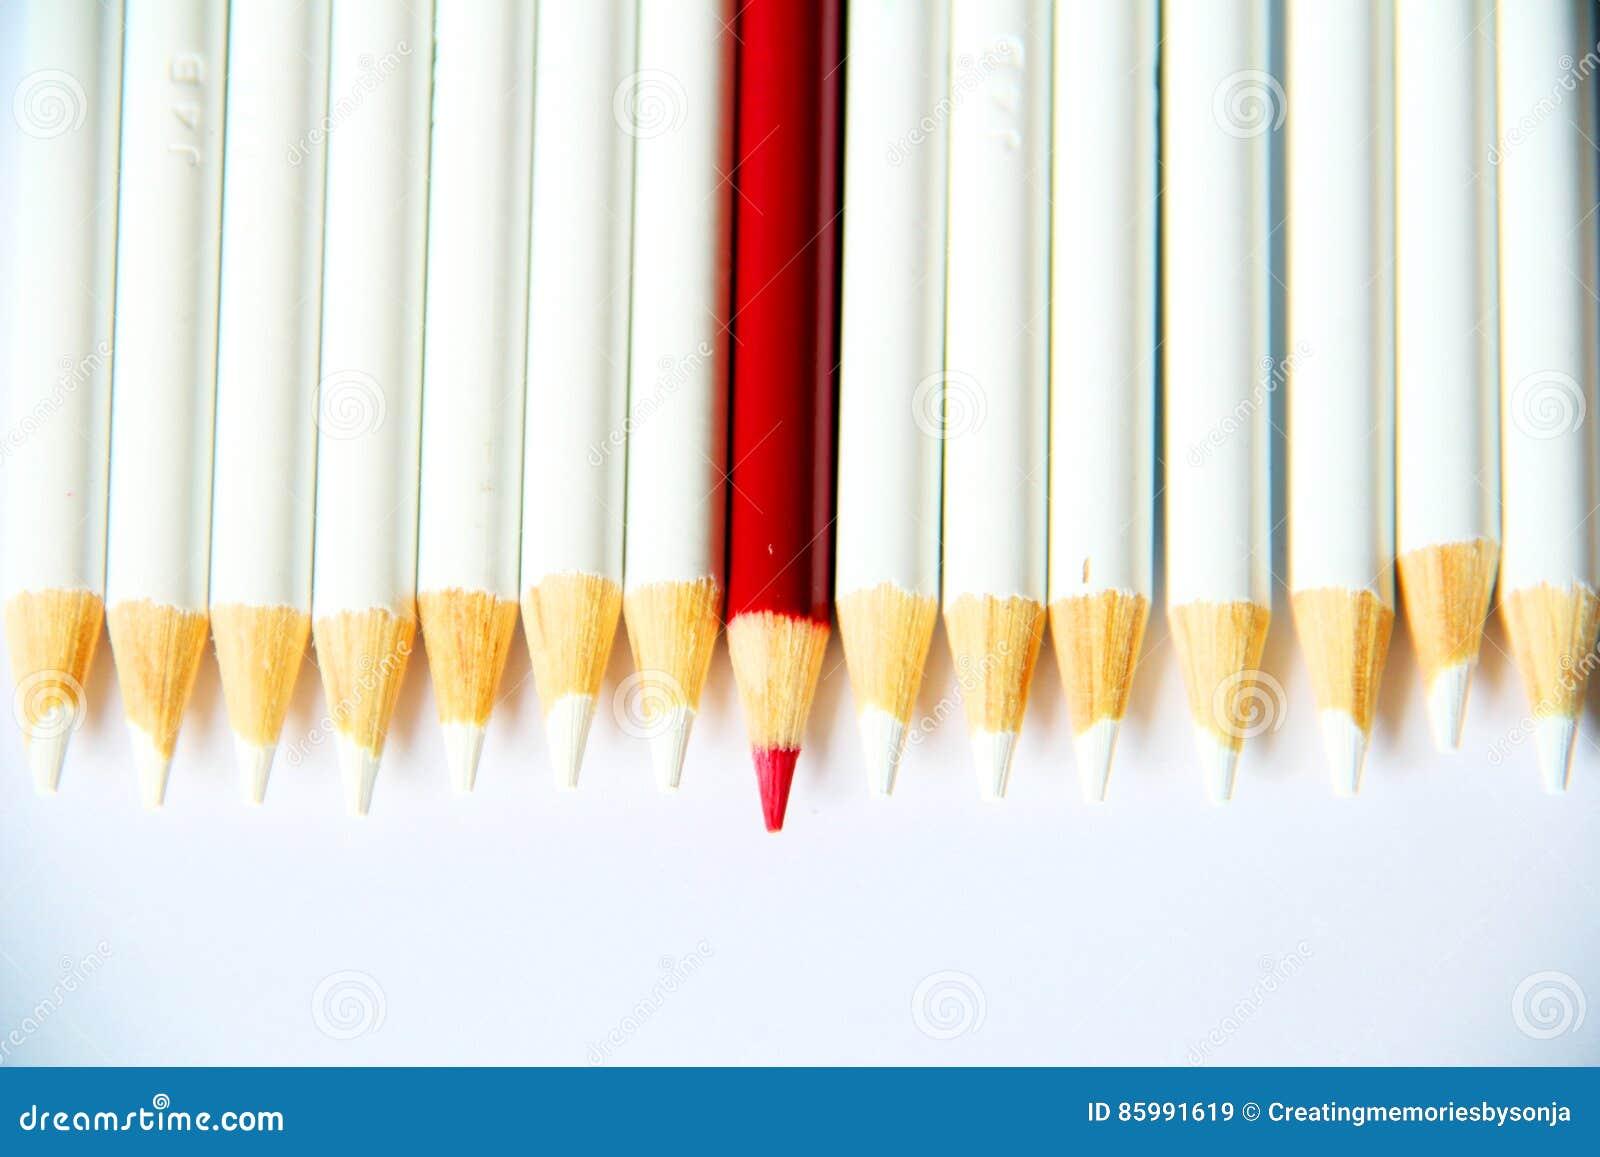 Κόκκινο μολύβι